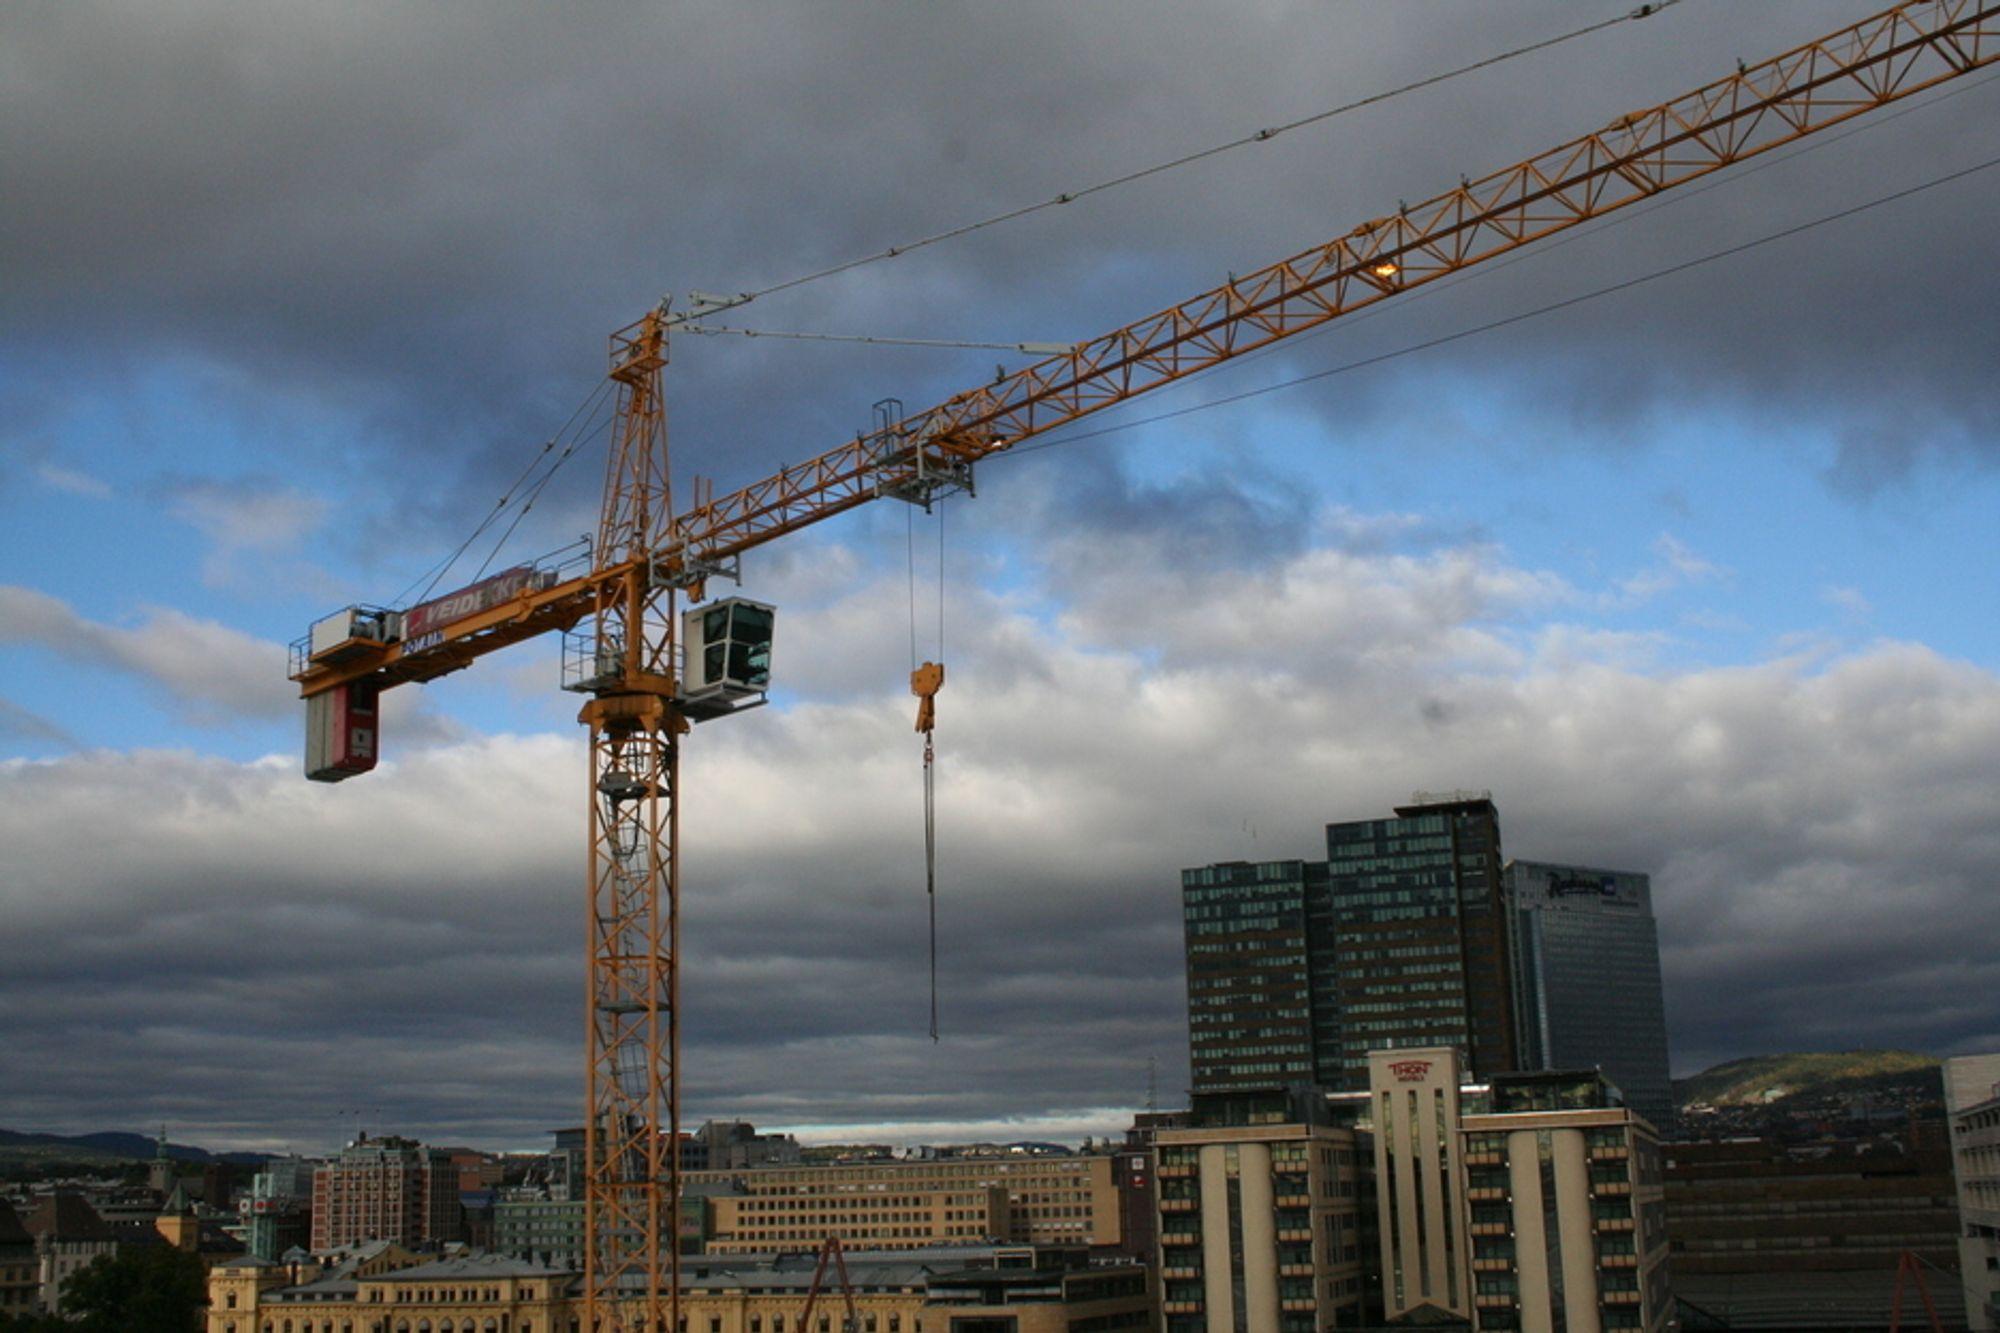 opera oslo utsikt bygg anlegg kran